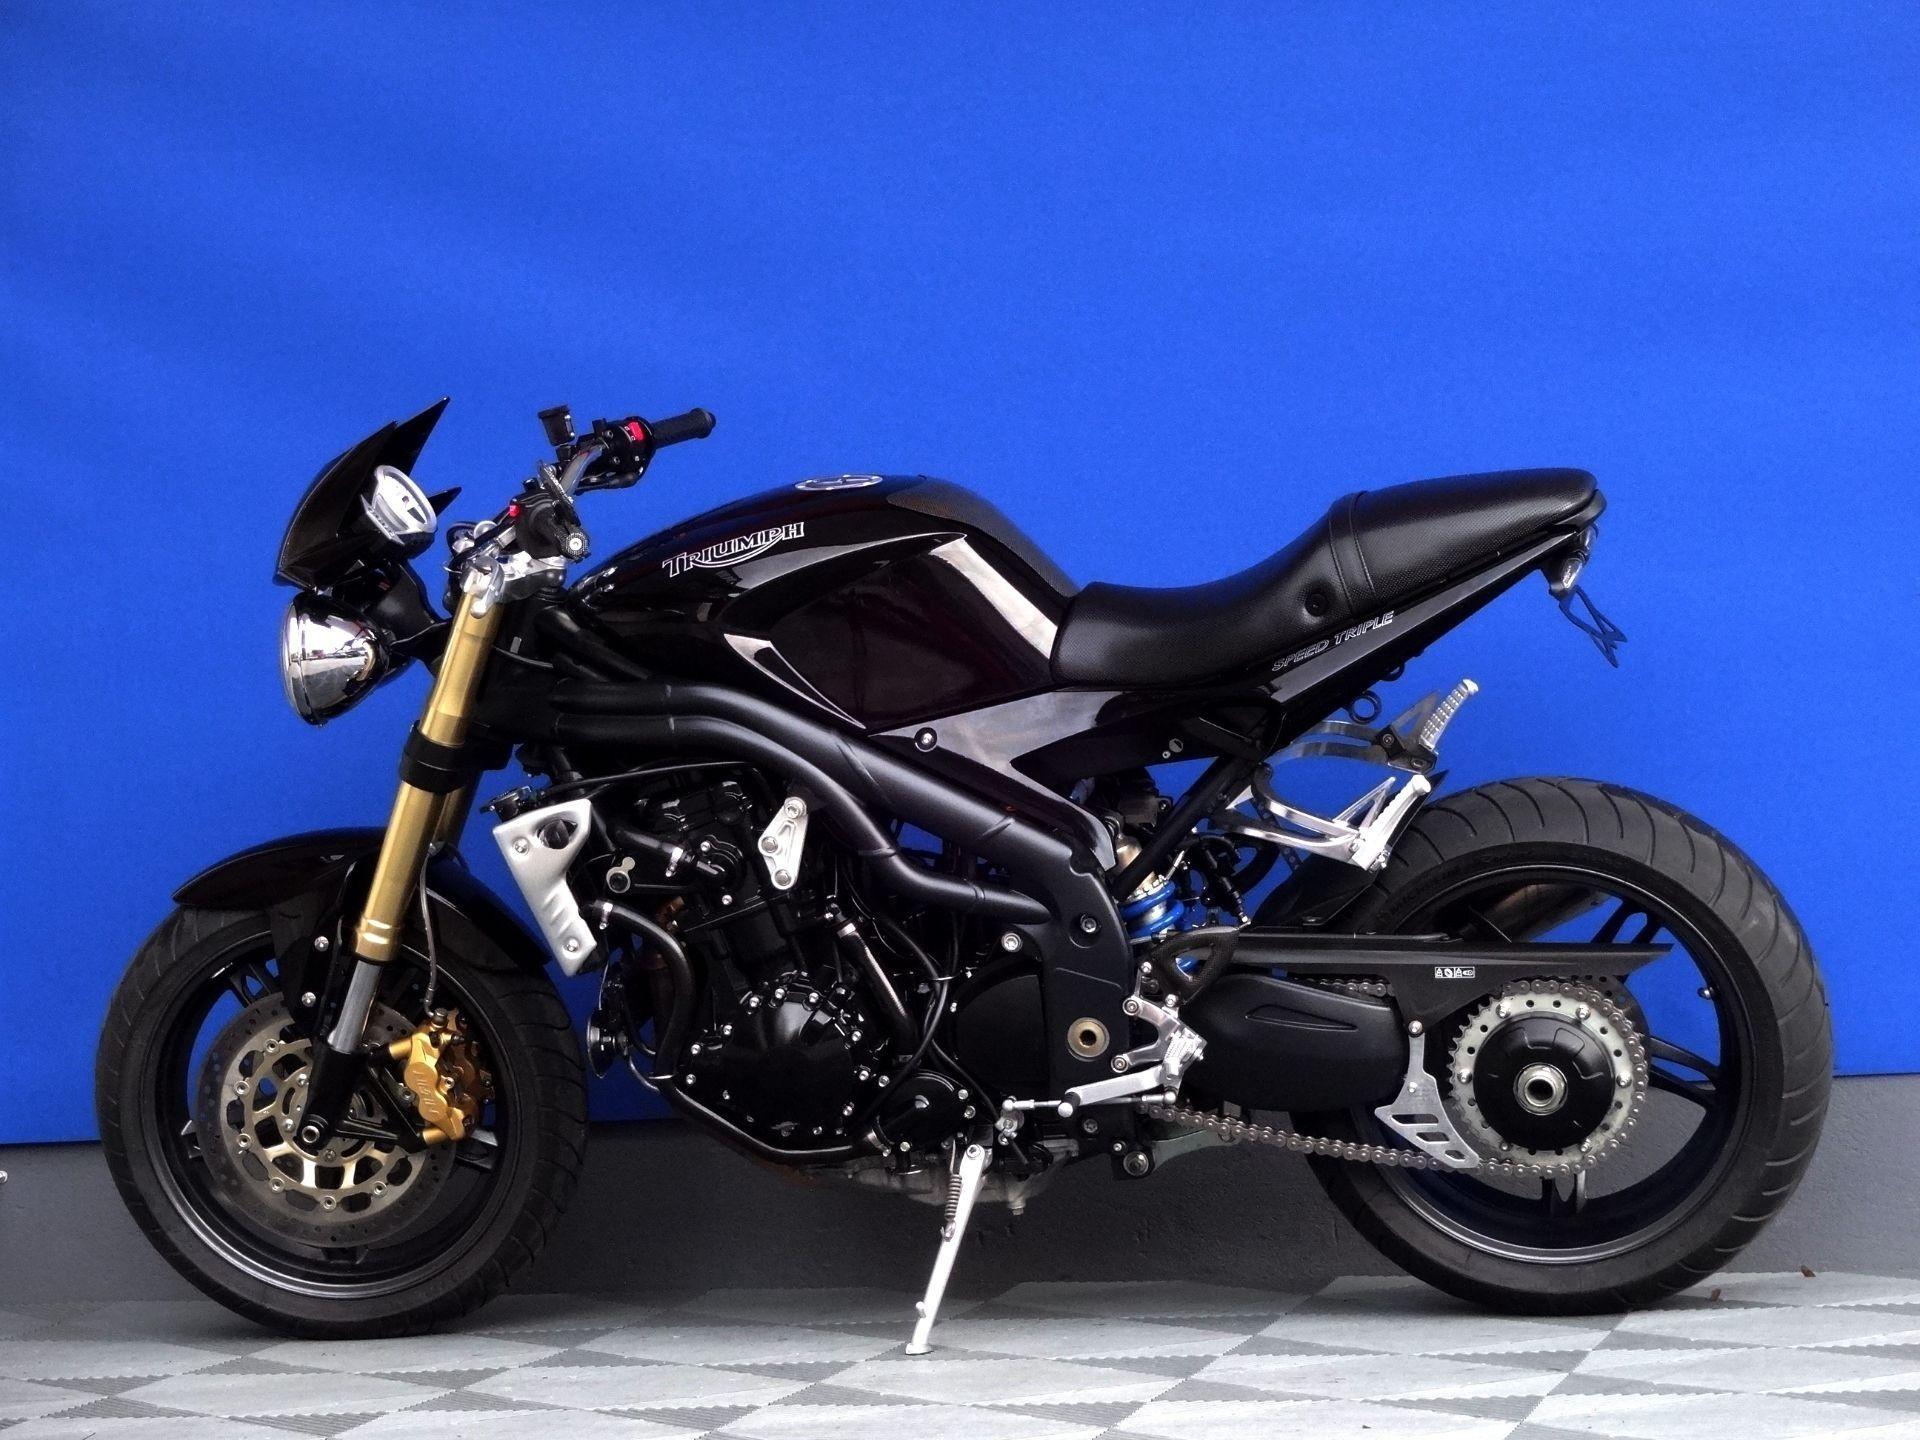 triumph speed triple 1050 vogel motorbikes sch pfheim occasions. Black Bedroom Furniture Sets. Home Design Ideas